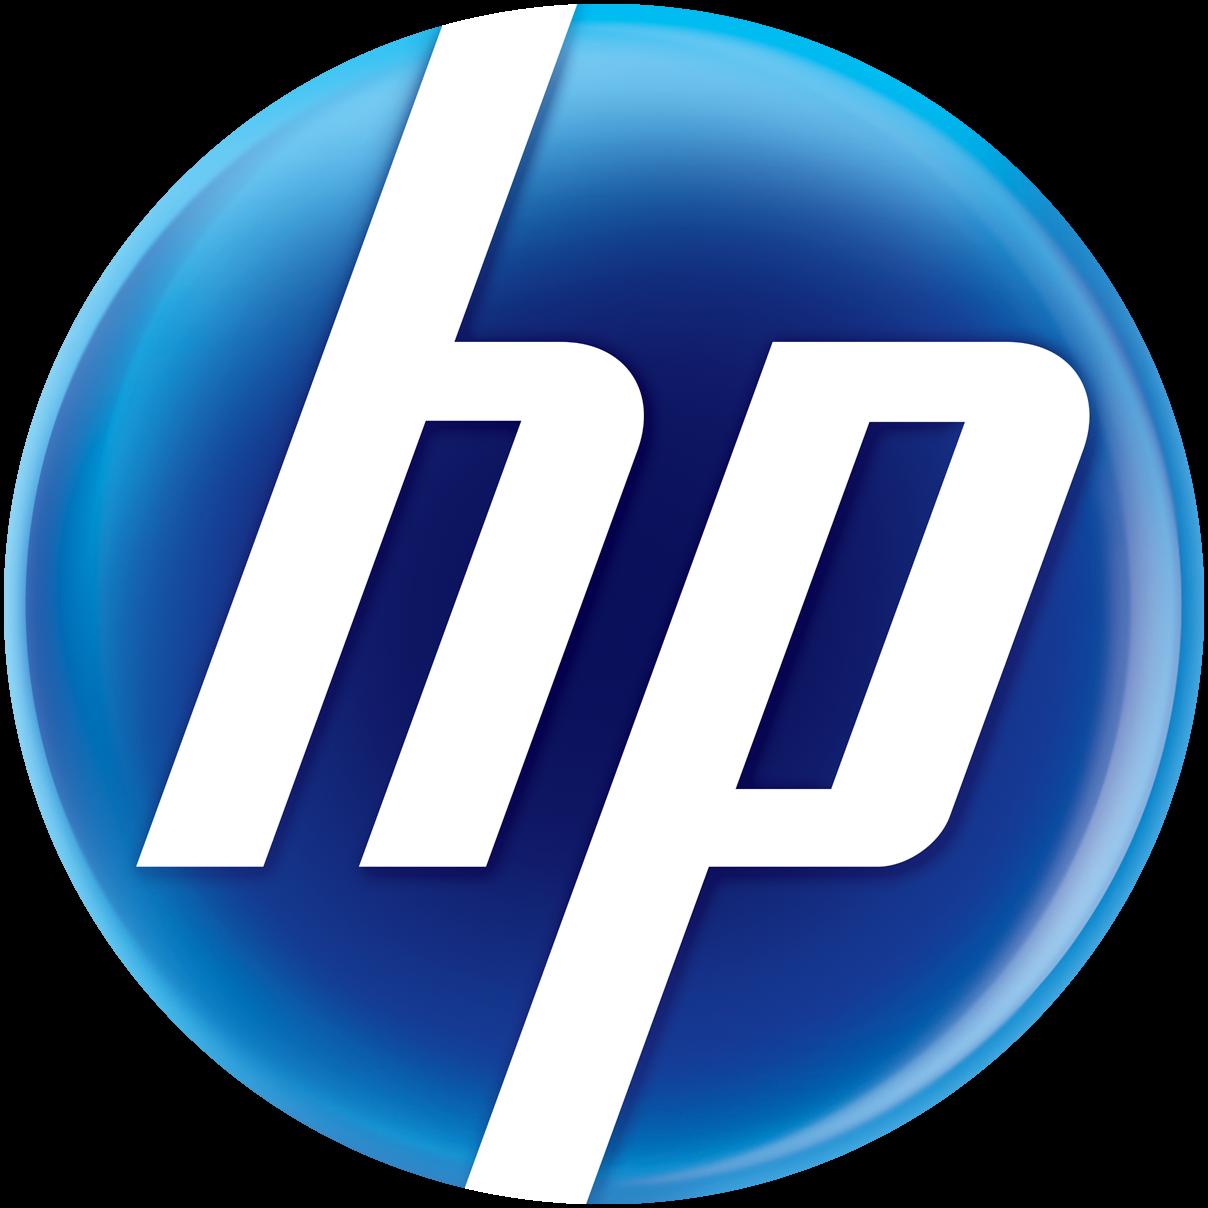 HewlettPackard Partner Hp printer, Hewlett packard